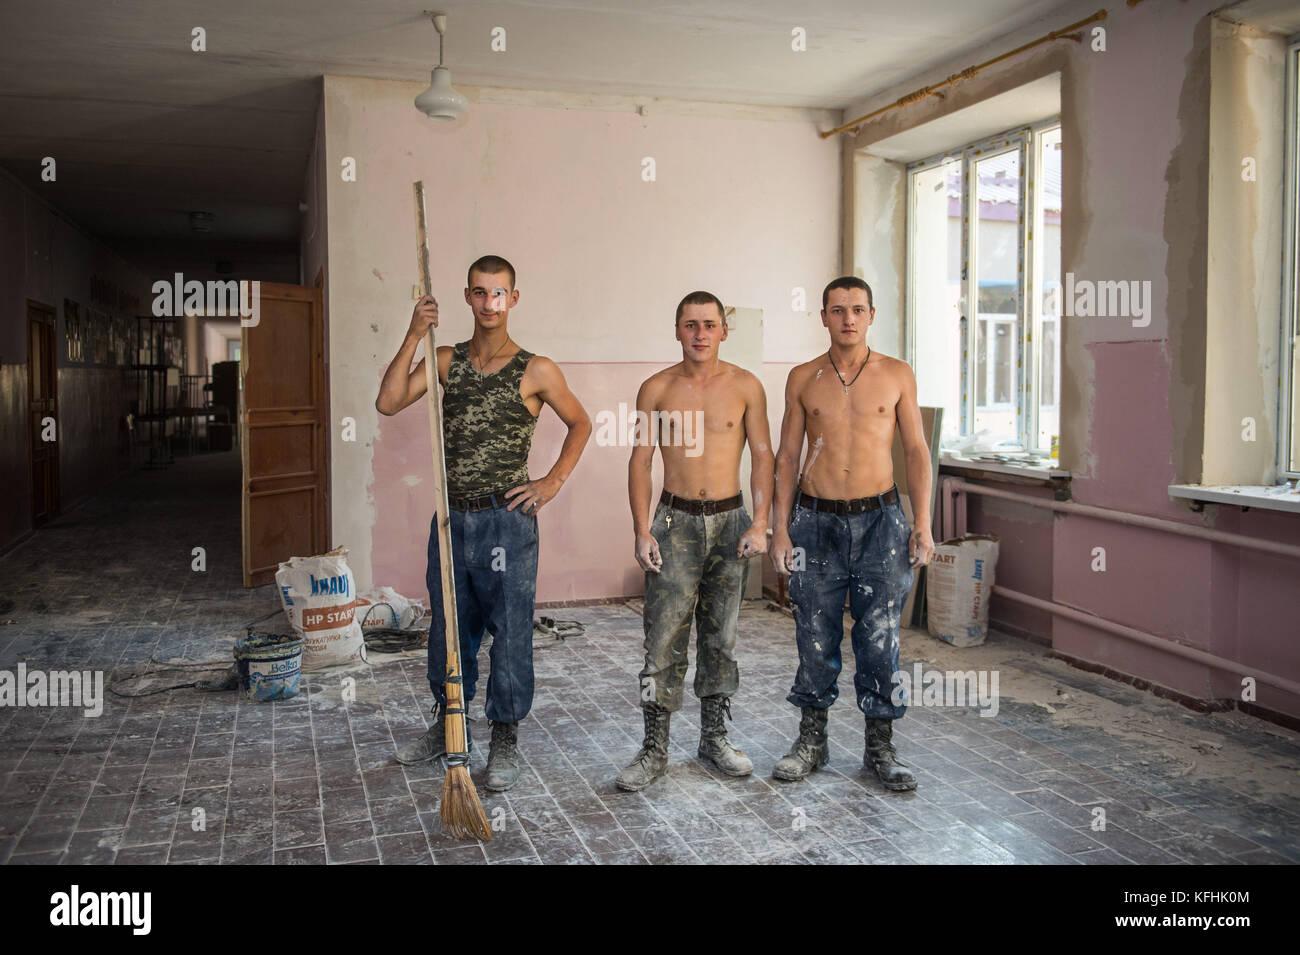 Personals home ukraine personals